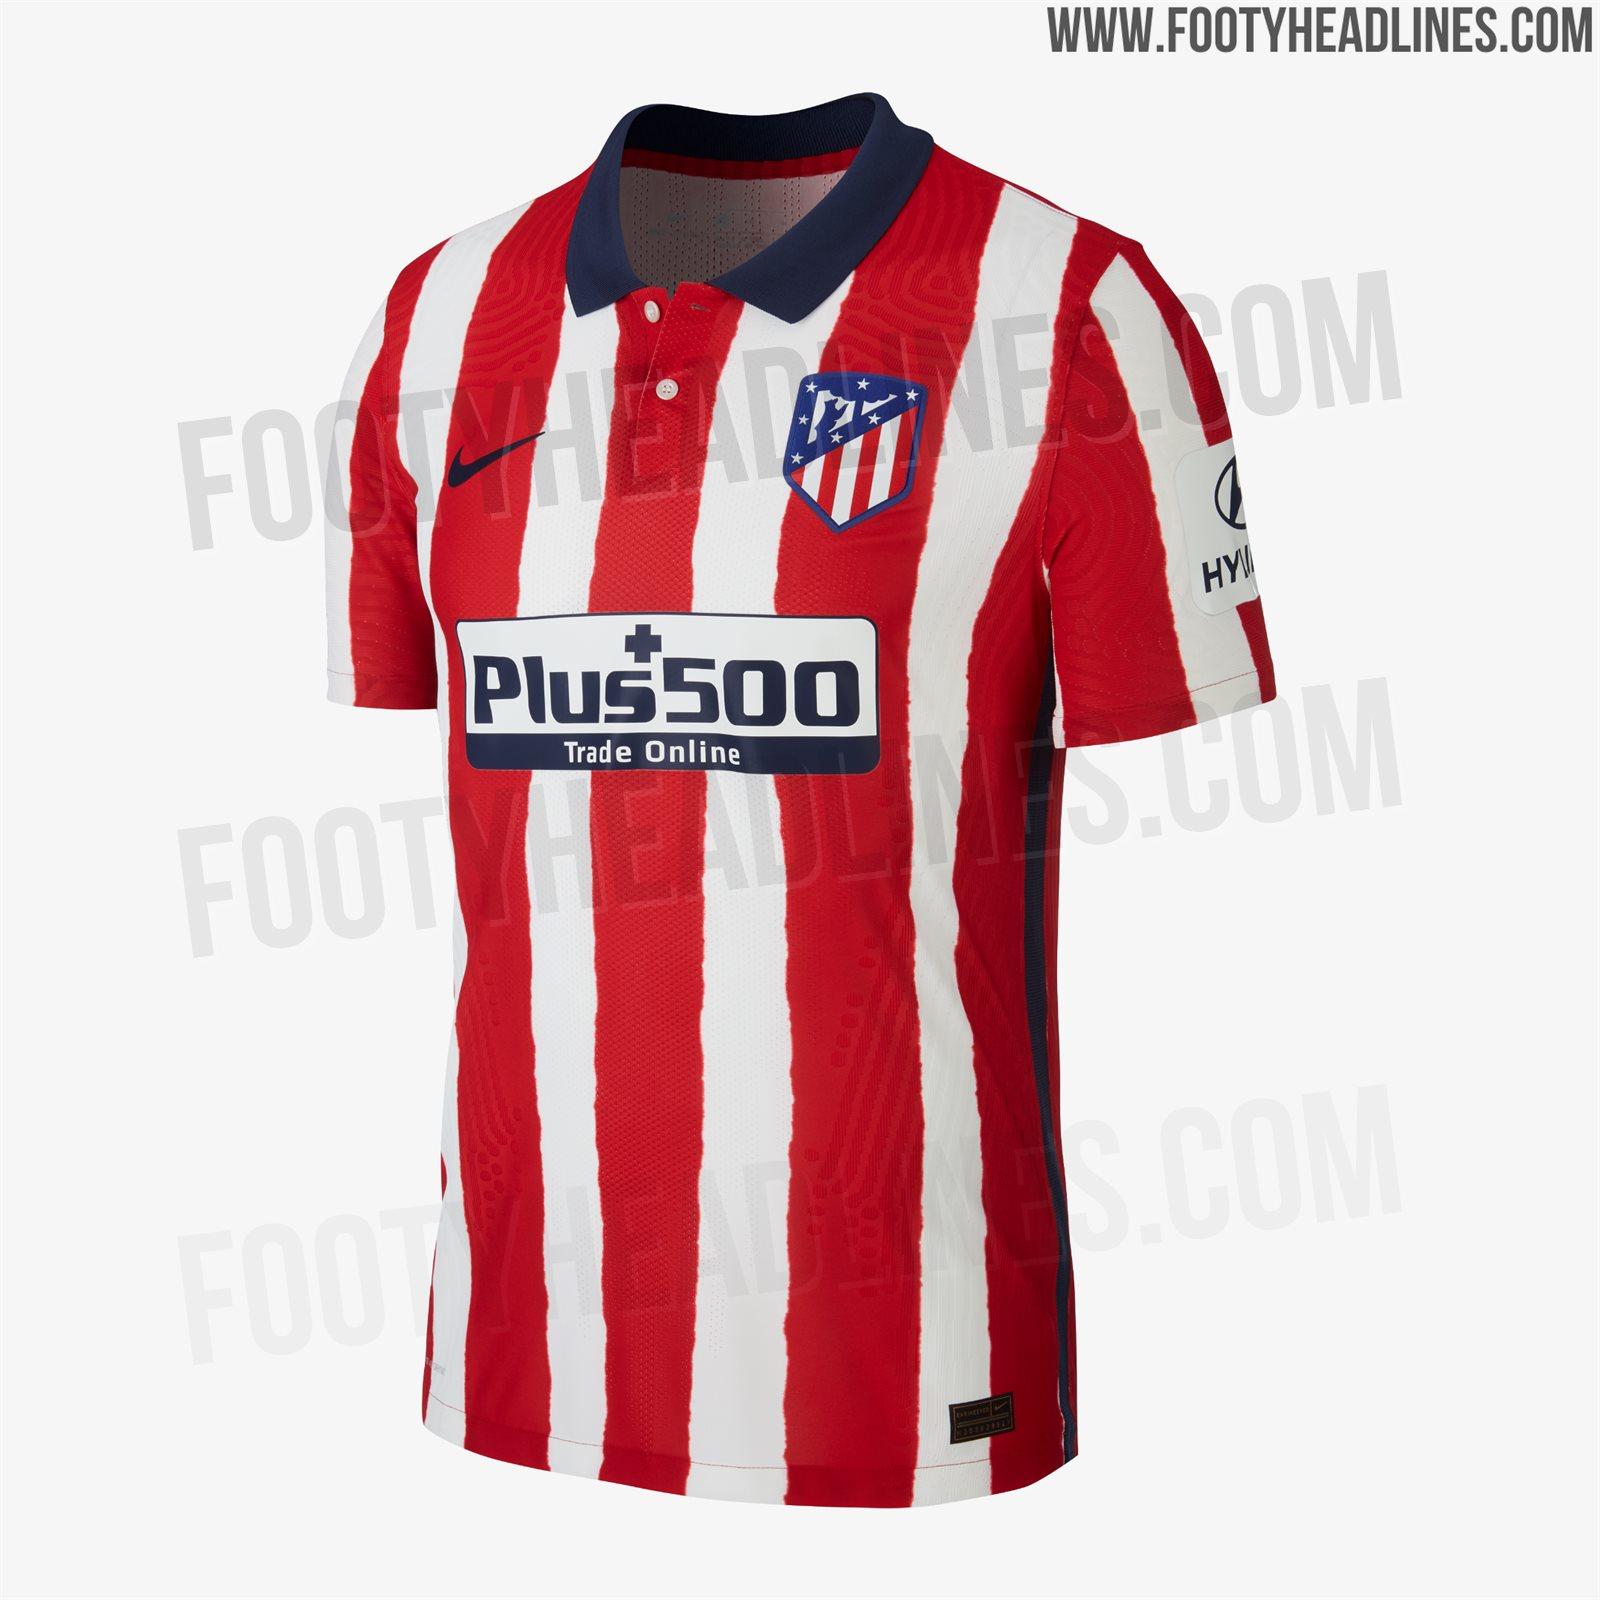 atletico-20-21-home-kit-2.jpg